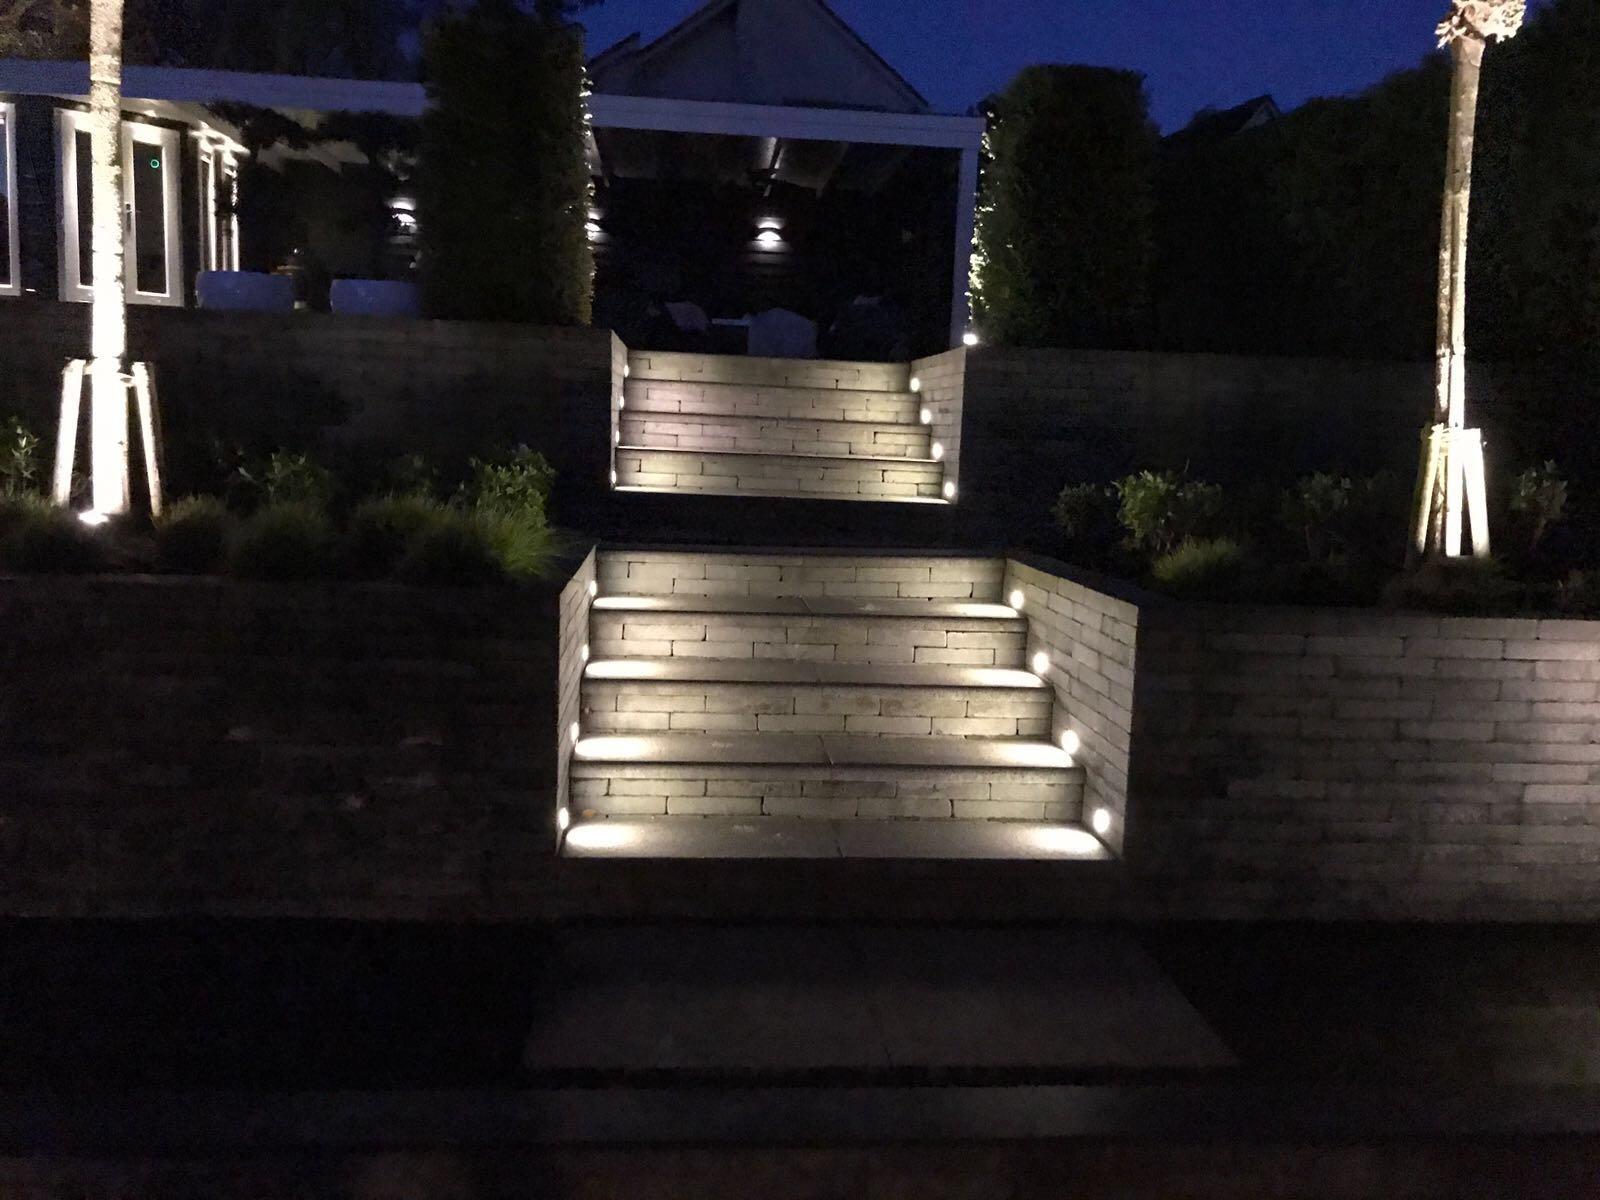 De mooiste tuinverlichting │ extra sfeer in uw tuin│ van wijk